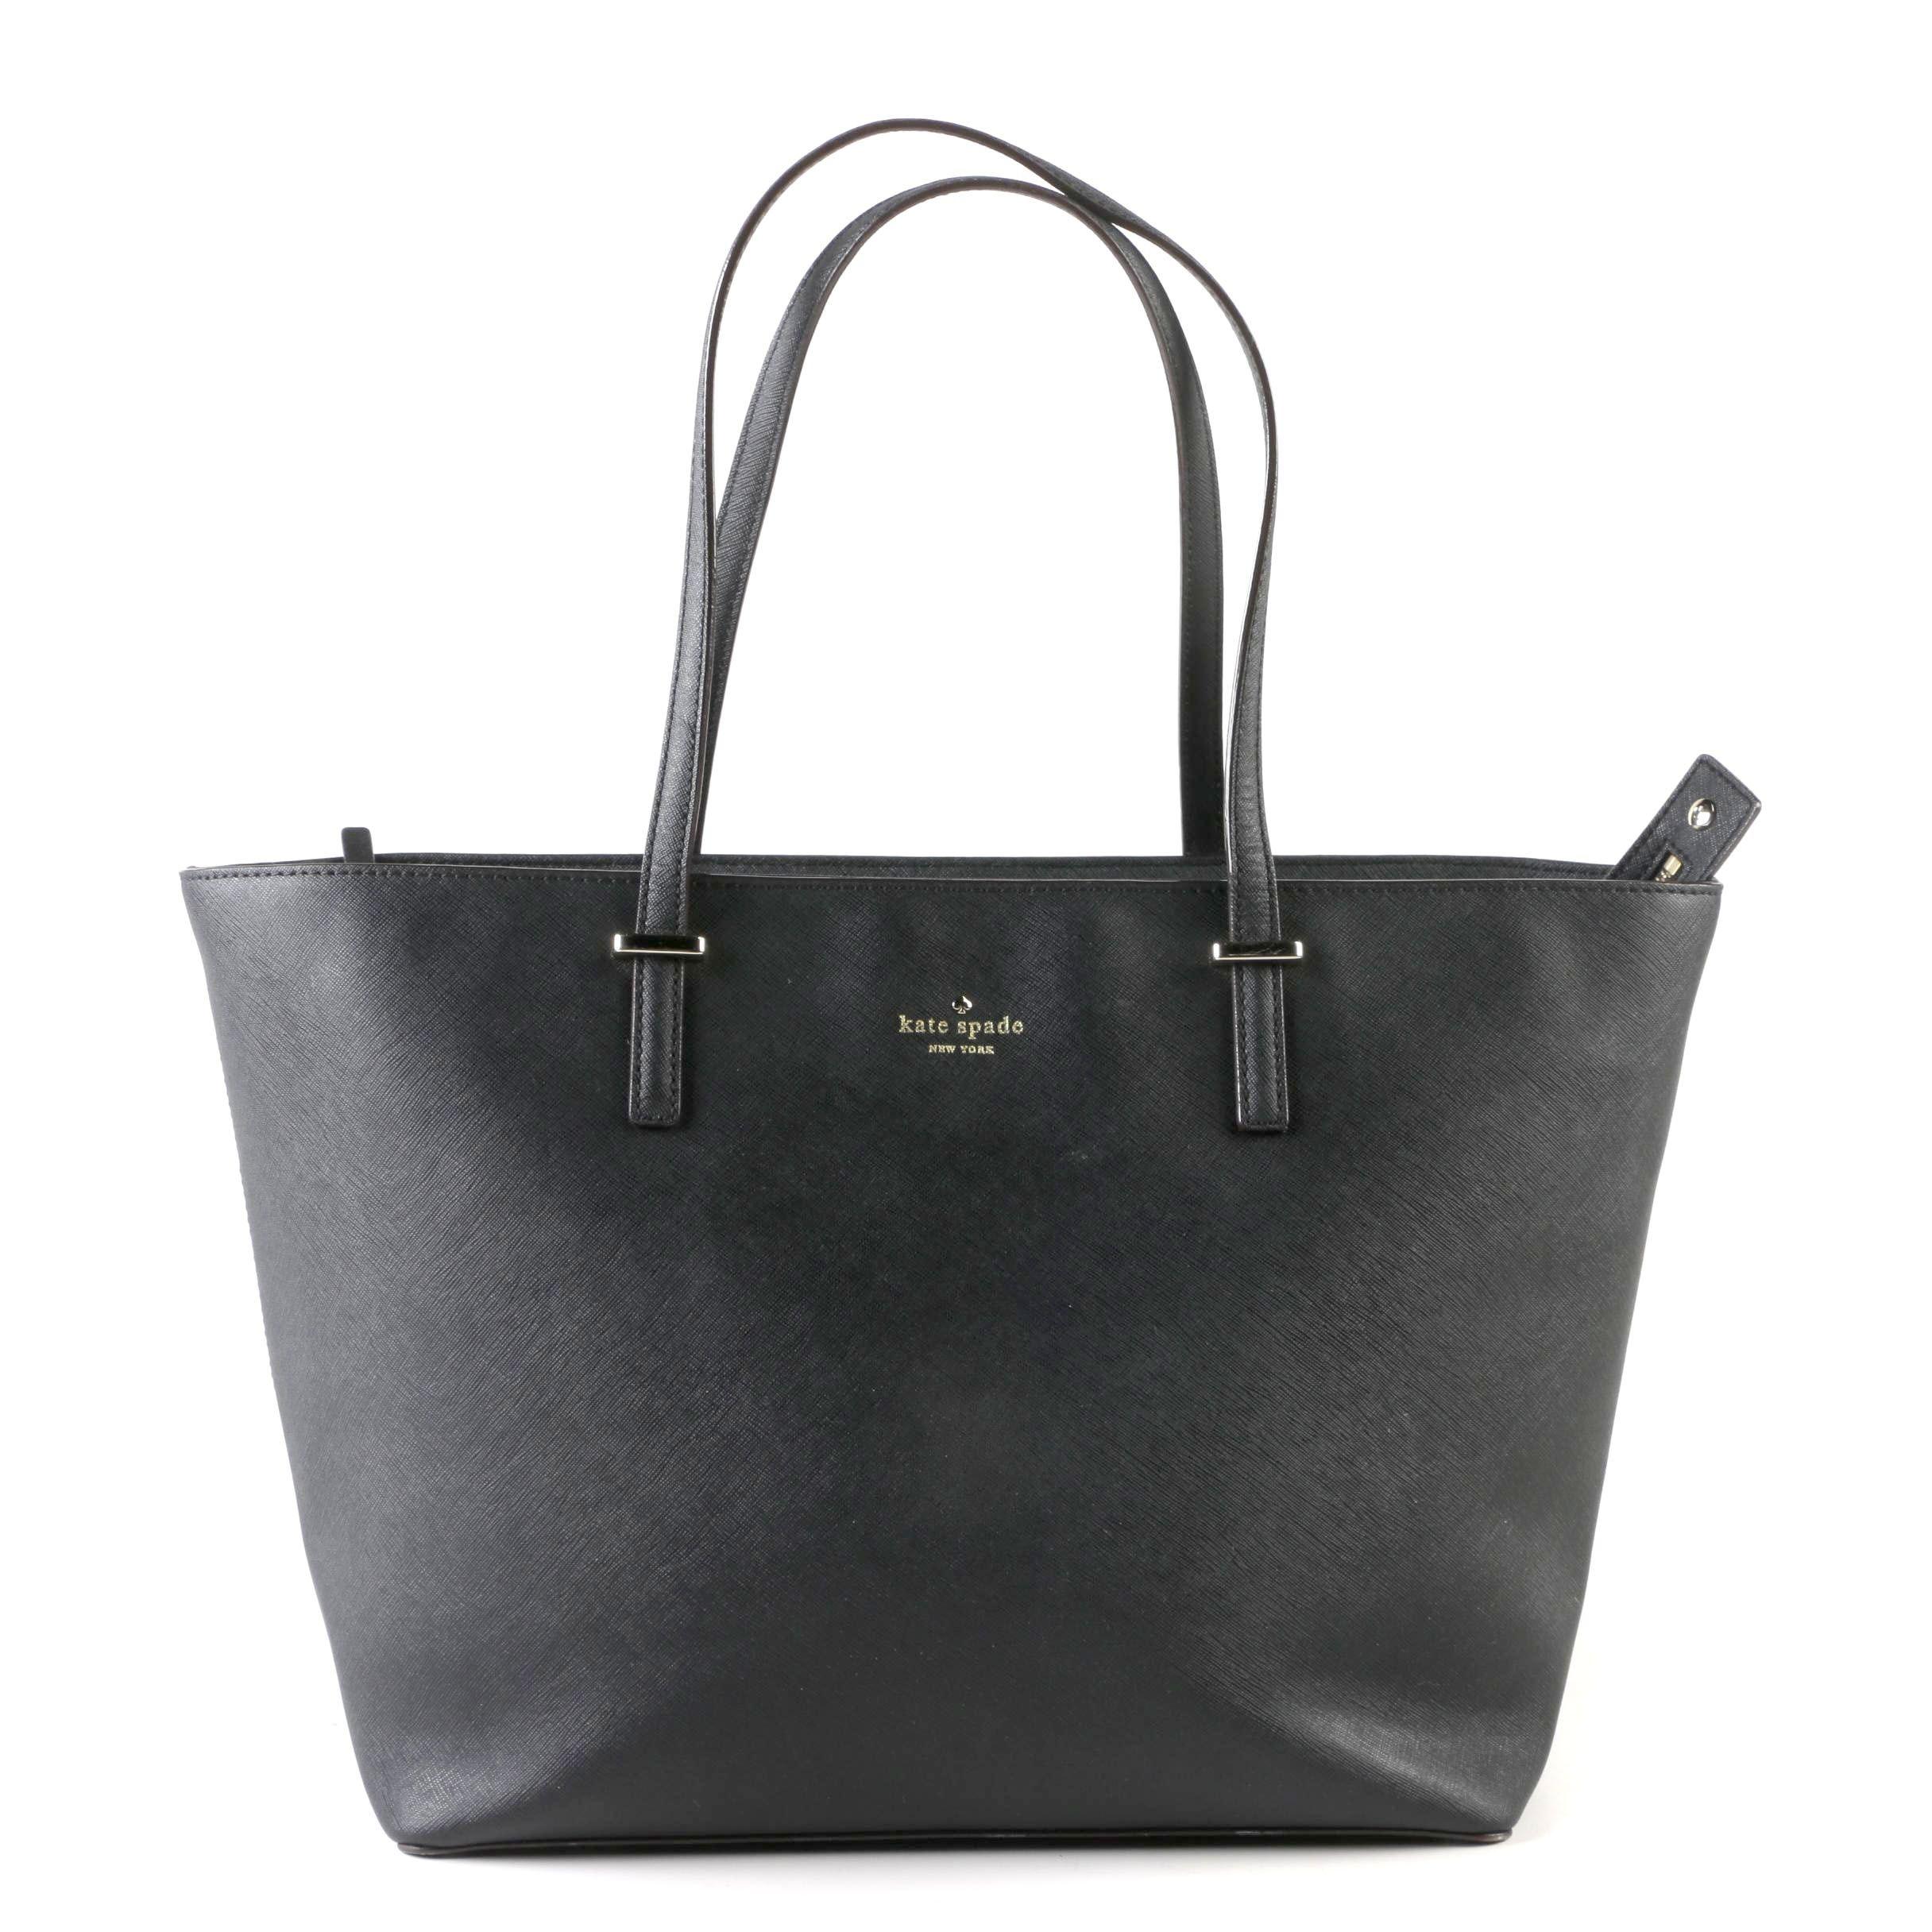 Kate Spade Black Saffiano Leather Tote Bag